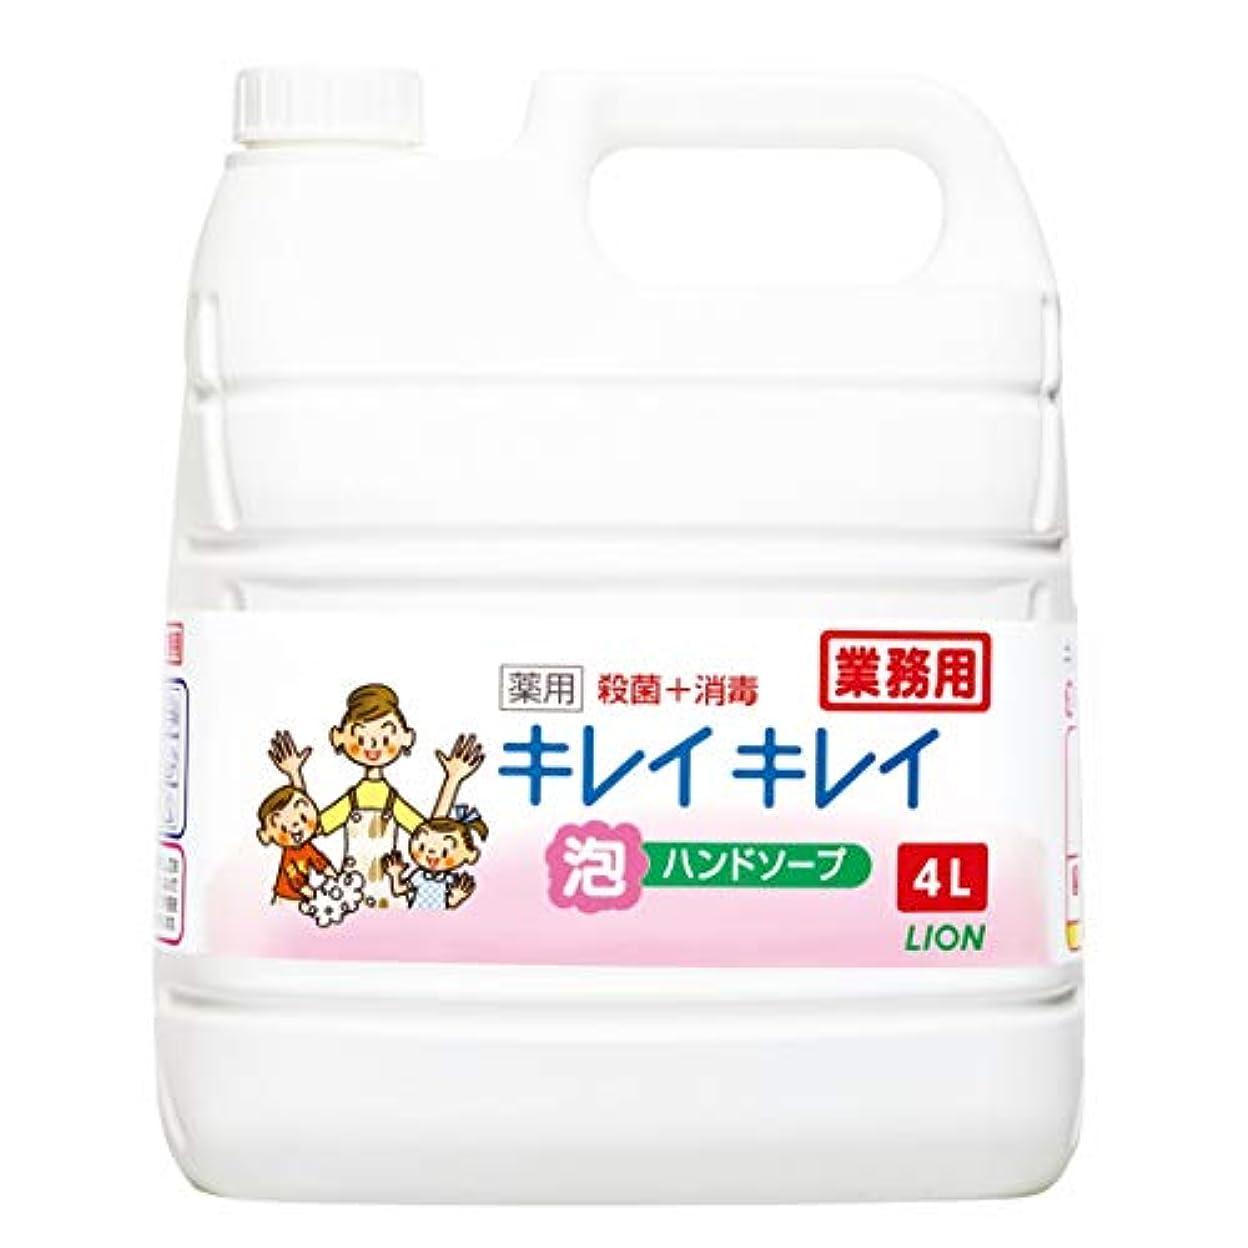 解体する始める誰か【業務用 大容量】キレイキレイ 薬用 泡ハンドソープ シトラスフルーティの香り 液体 単品 4L(医薬部外品)